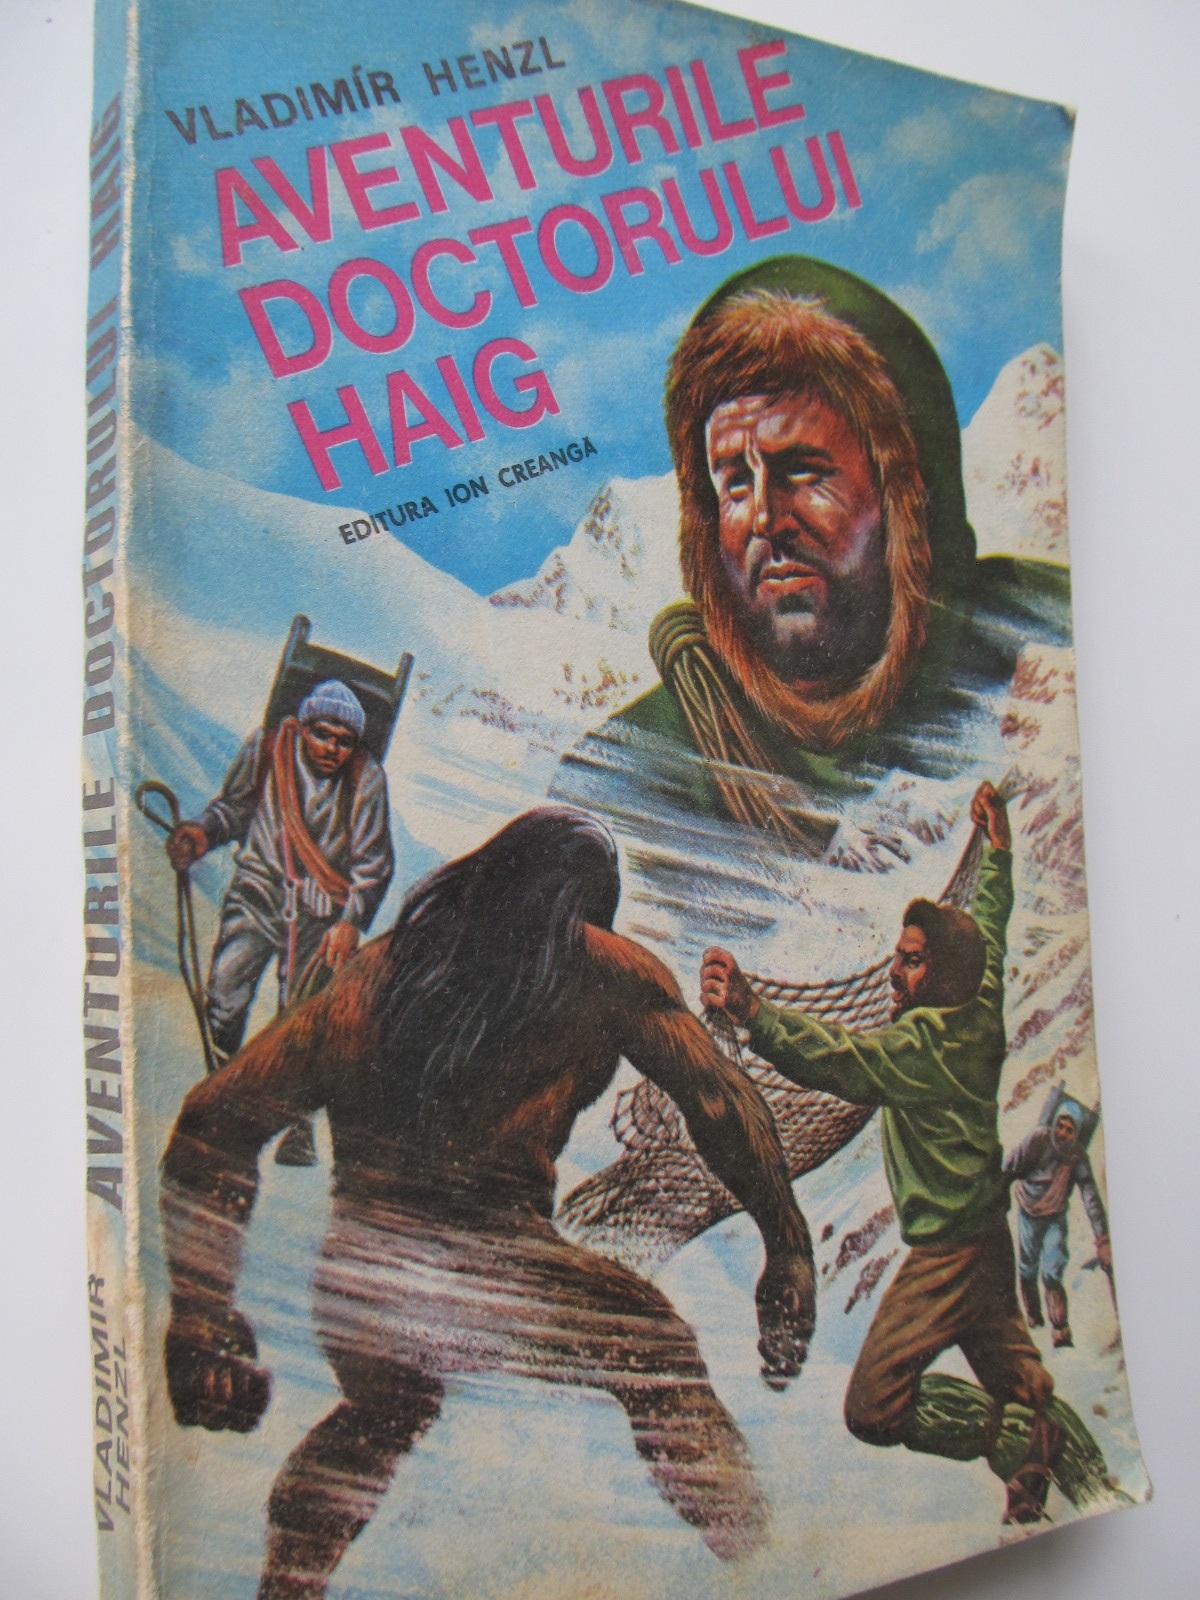 Aventurile doctorului Haig - Vladimir Henzl | Detalii carte